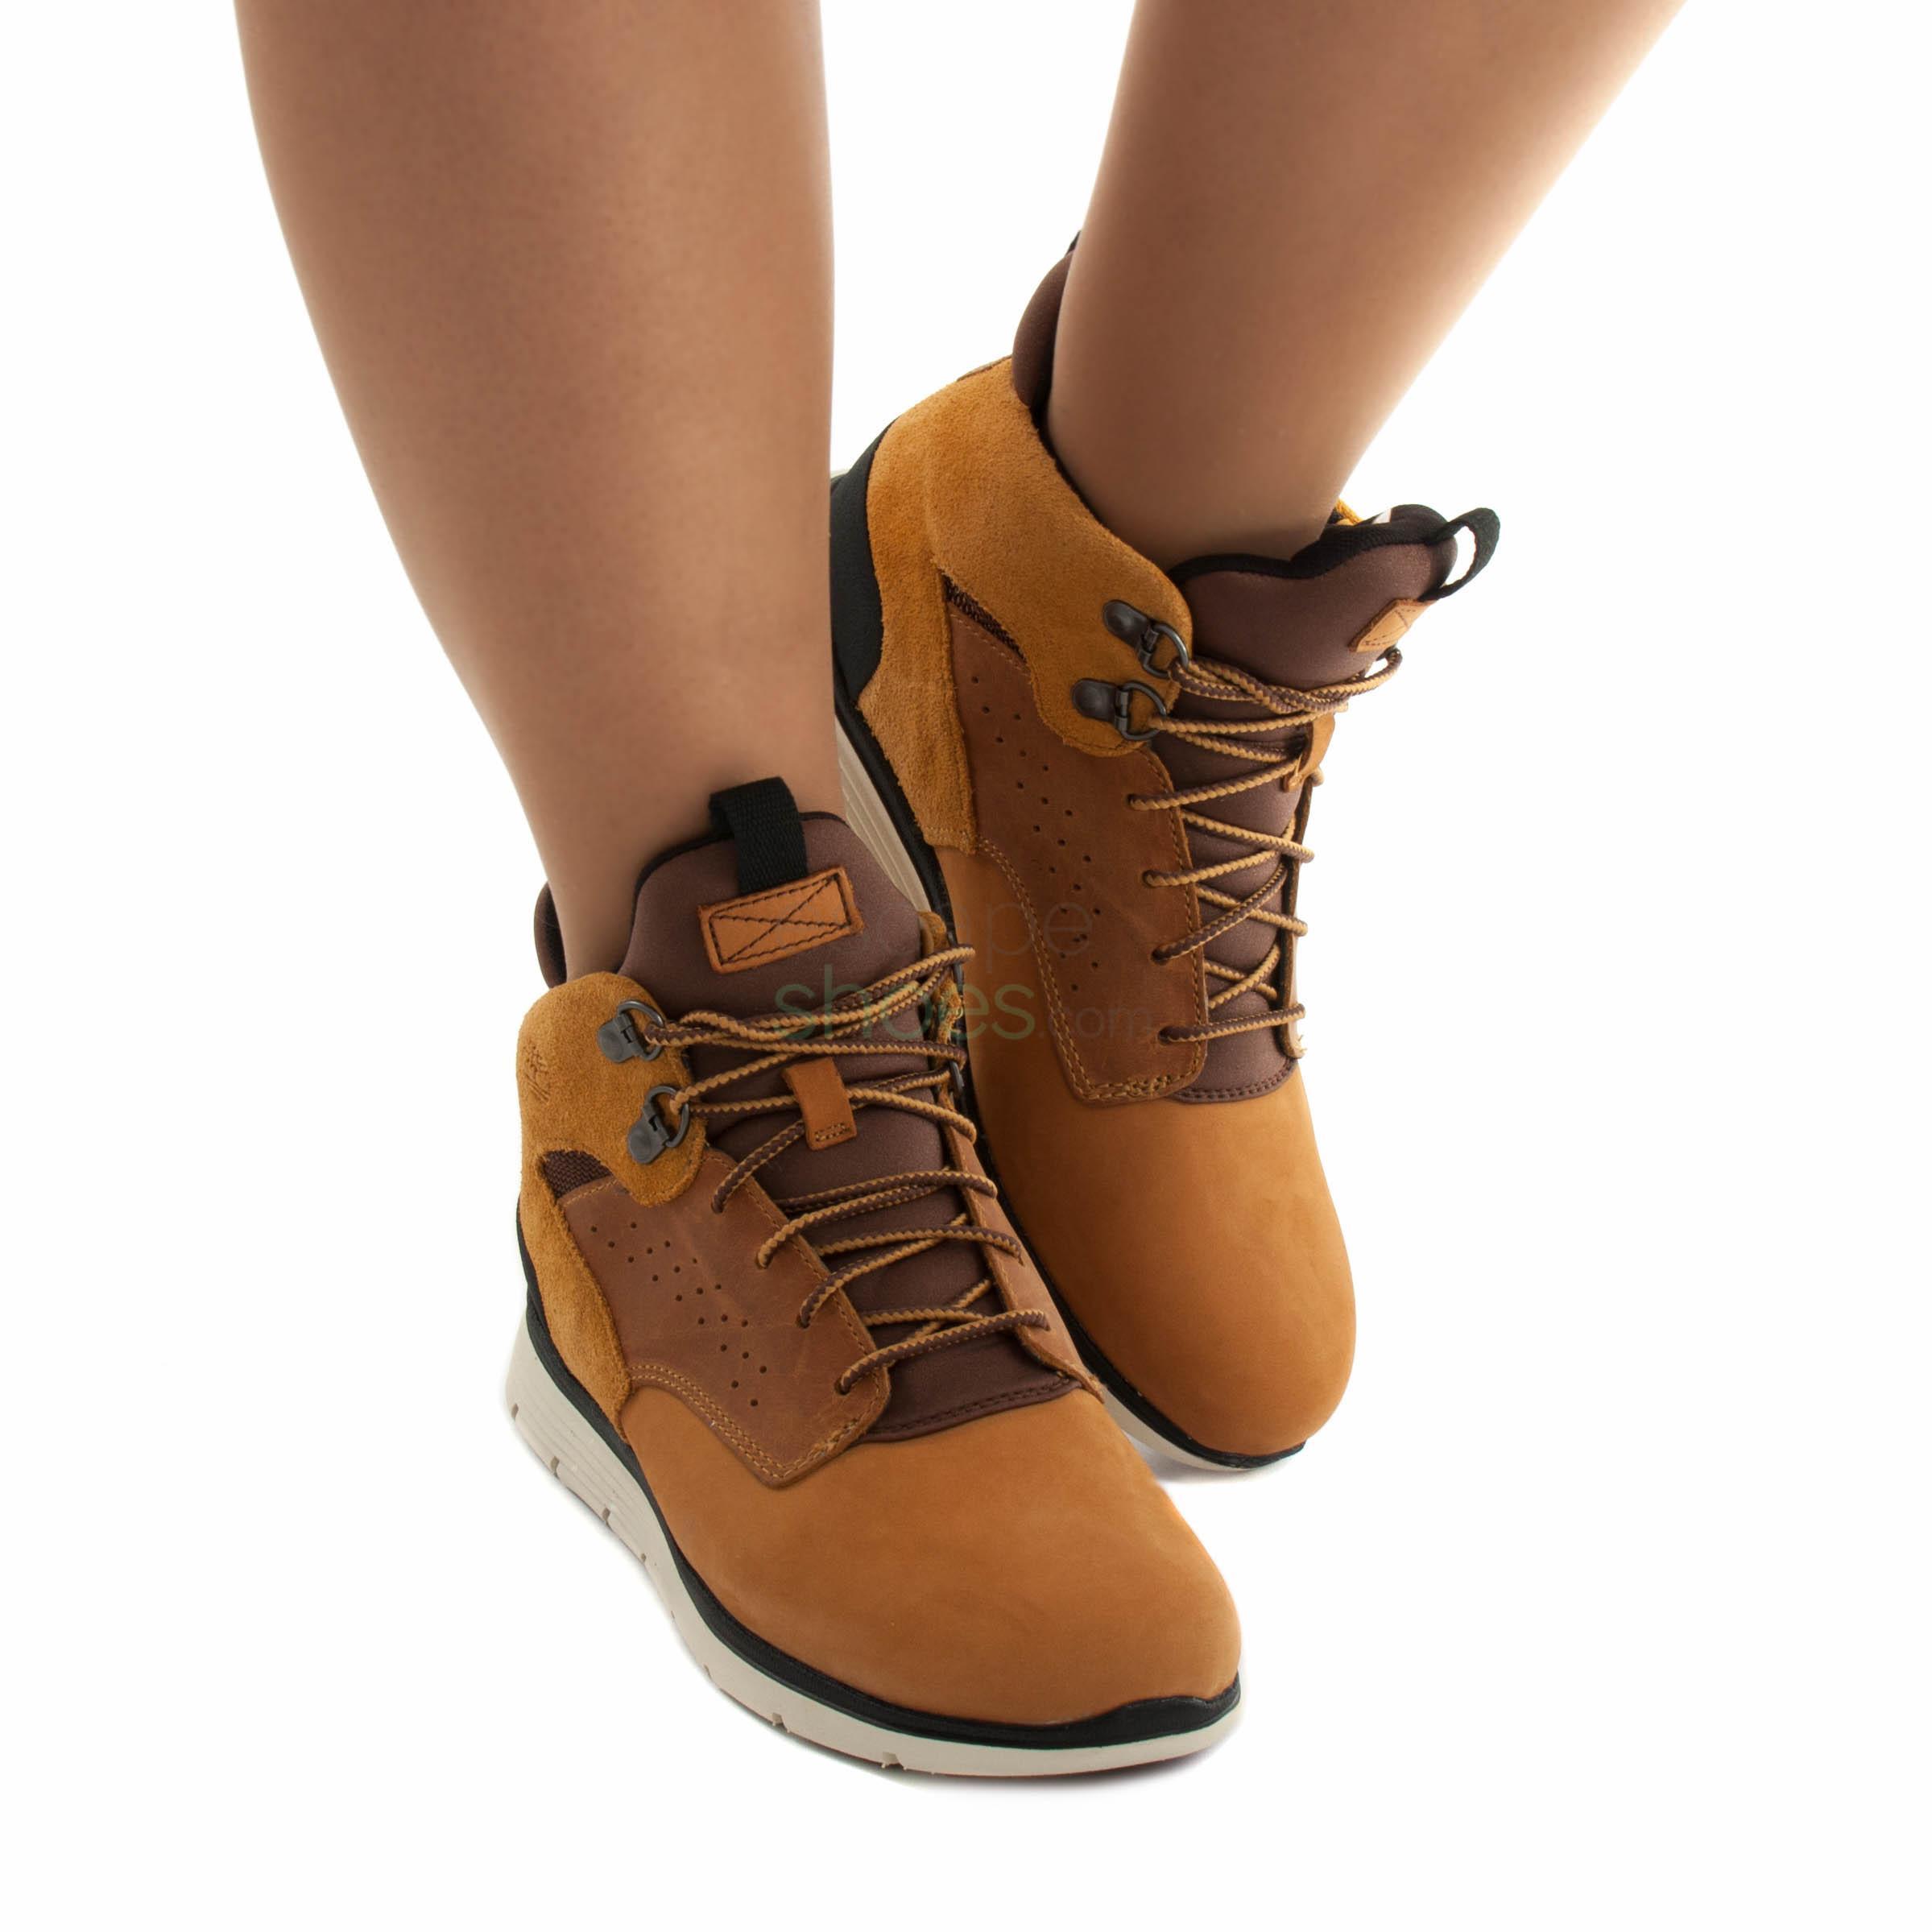 Aplaudir salida compilar  Boots TIMBERLAND Killington Hiker Wheat